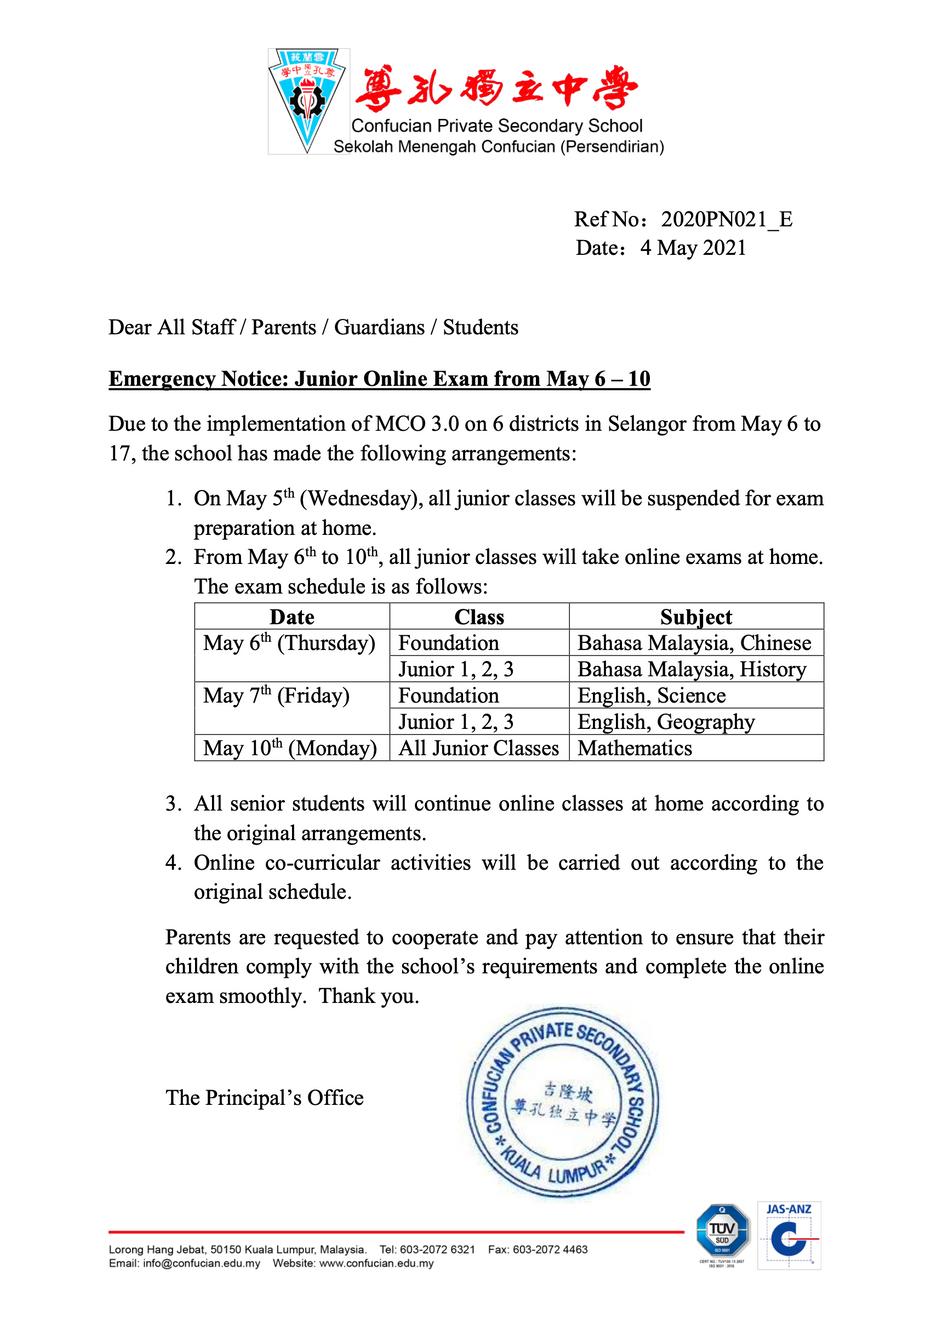 [校长室通告英文版]5月6日至10日举行初中线上考试